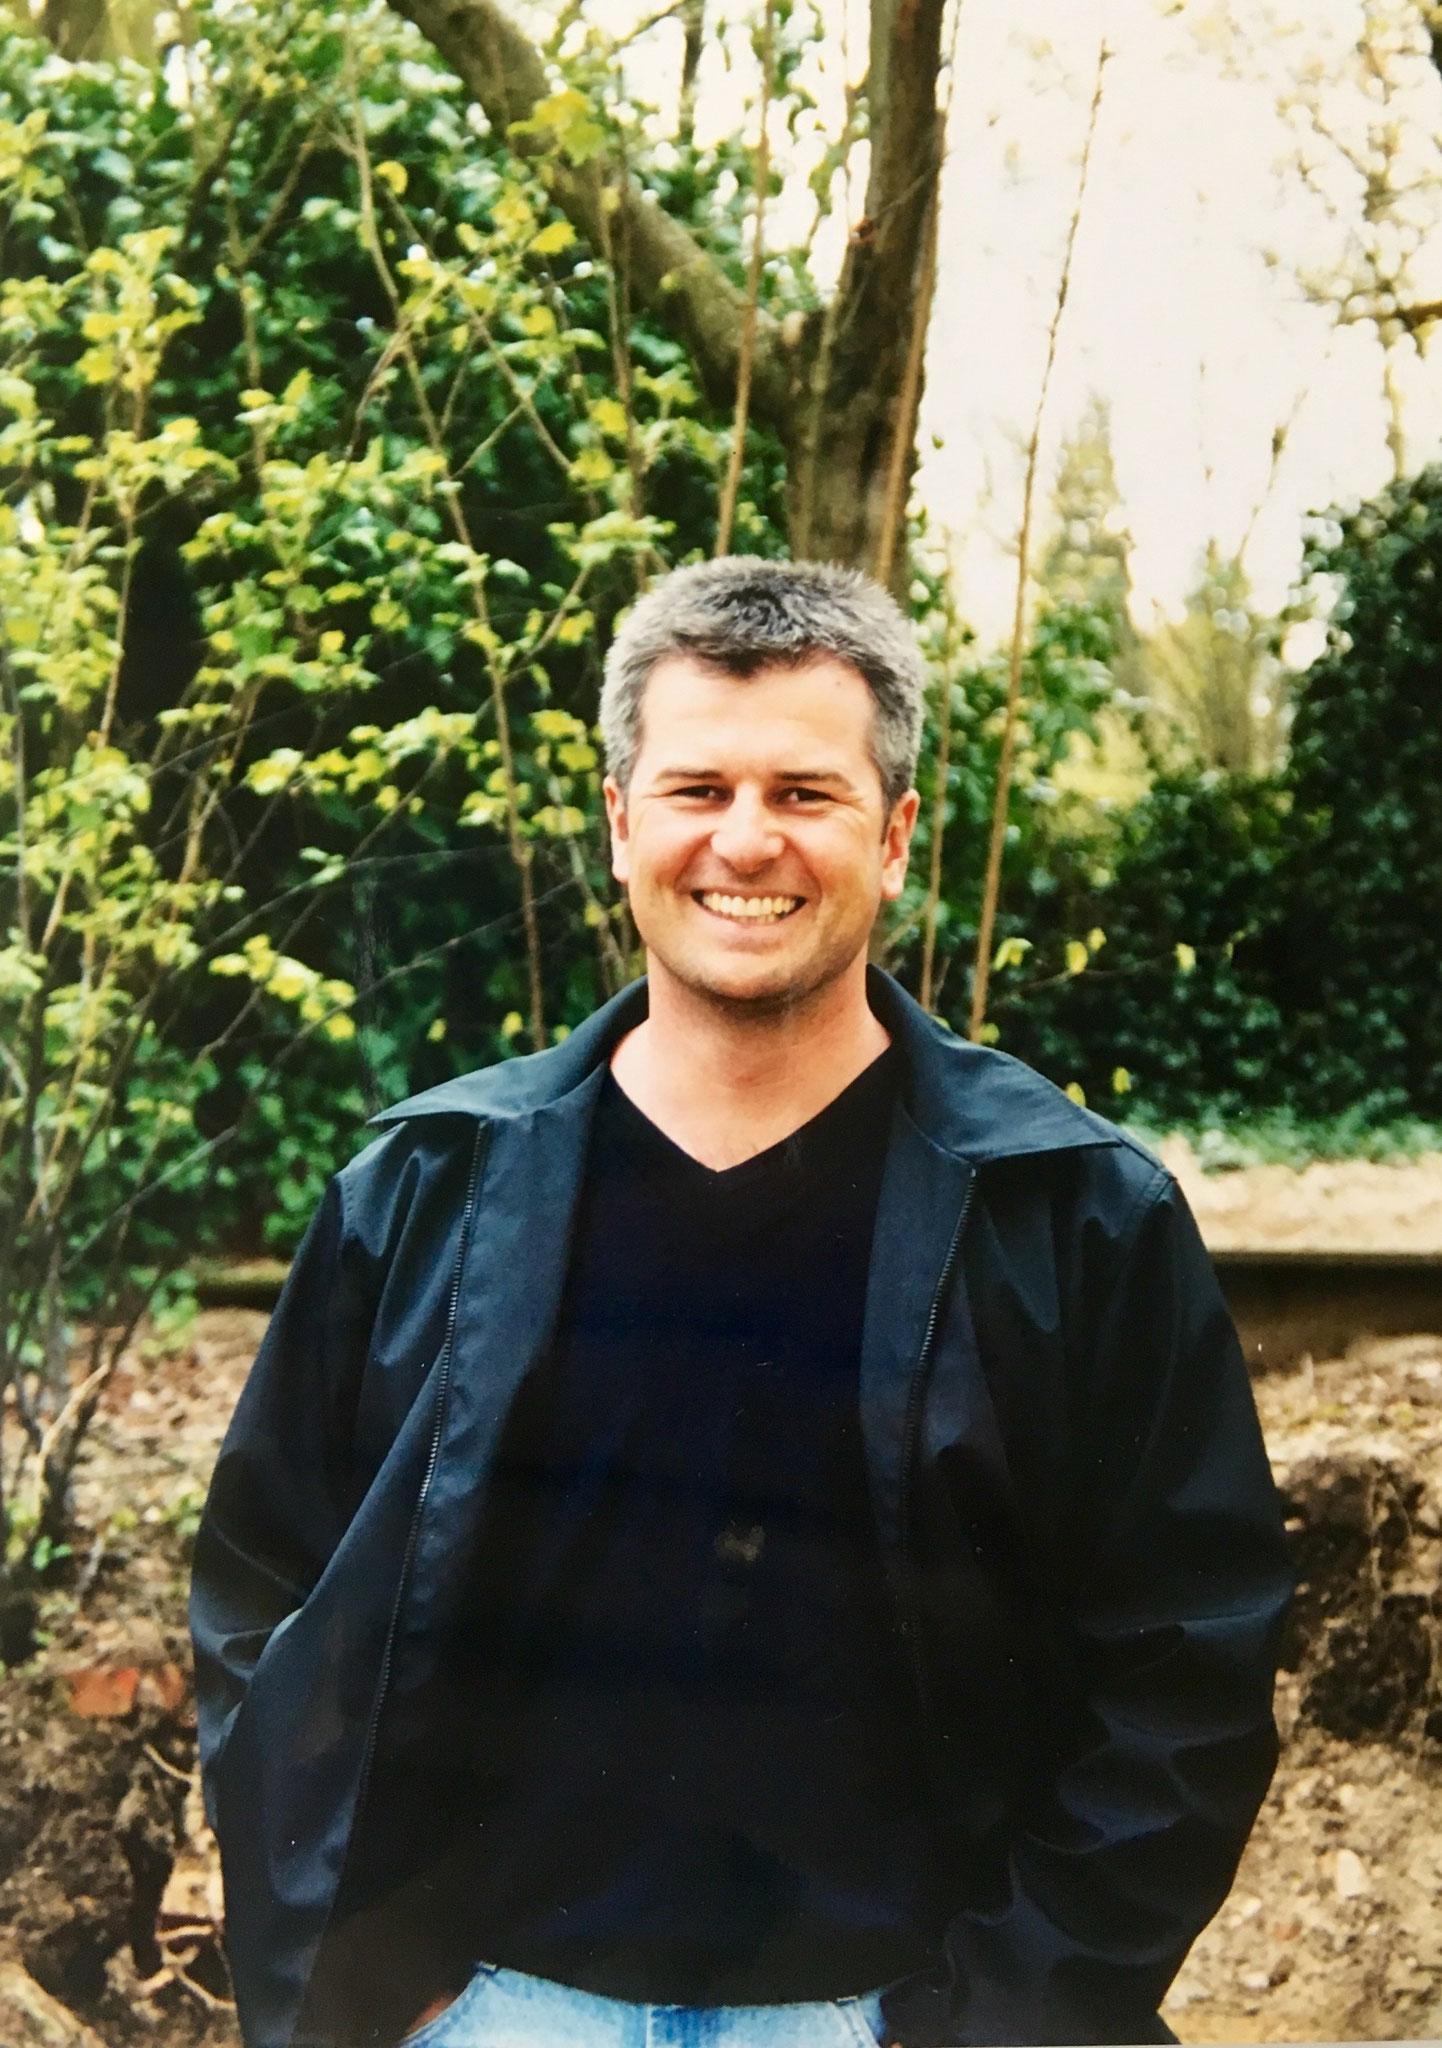 """Jörg Becher, Kernsanierung """"Villa Becher"""" 1998/99 - Eingang EG, spätere Tagungsetage"""